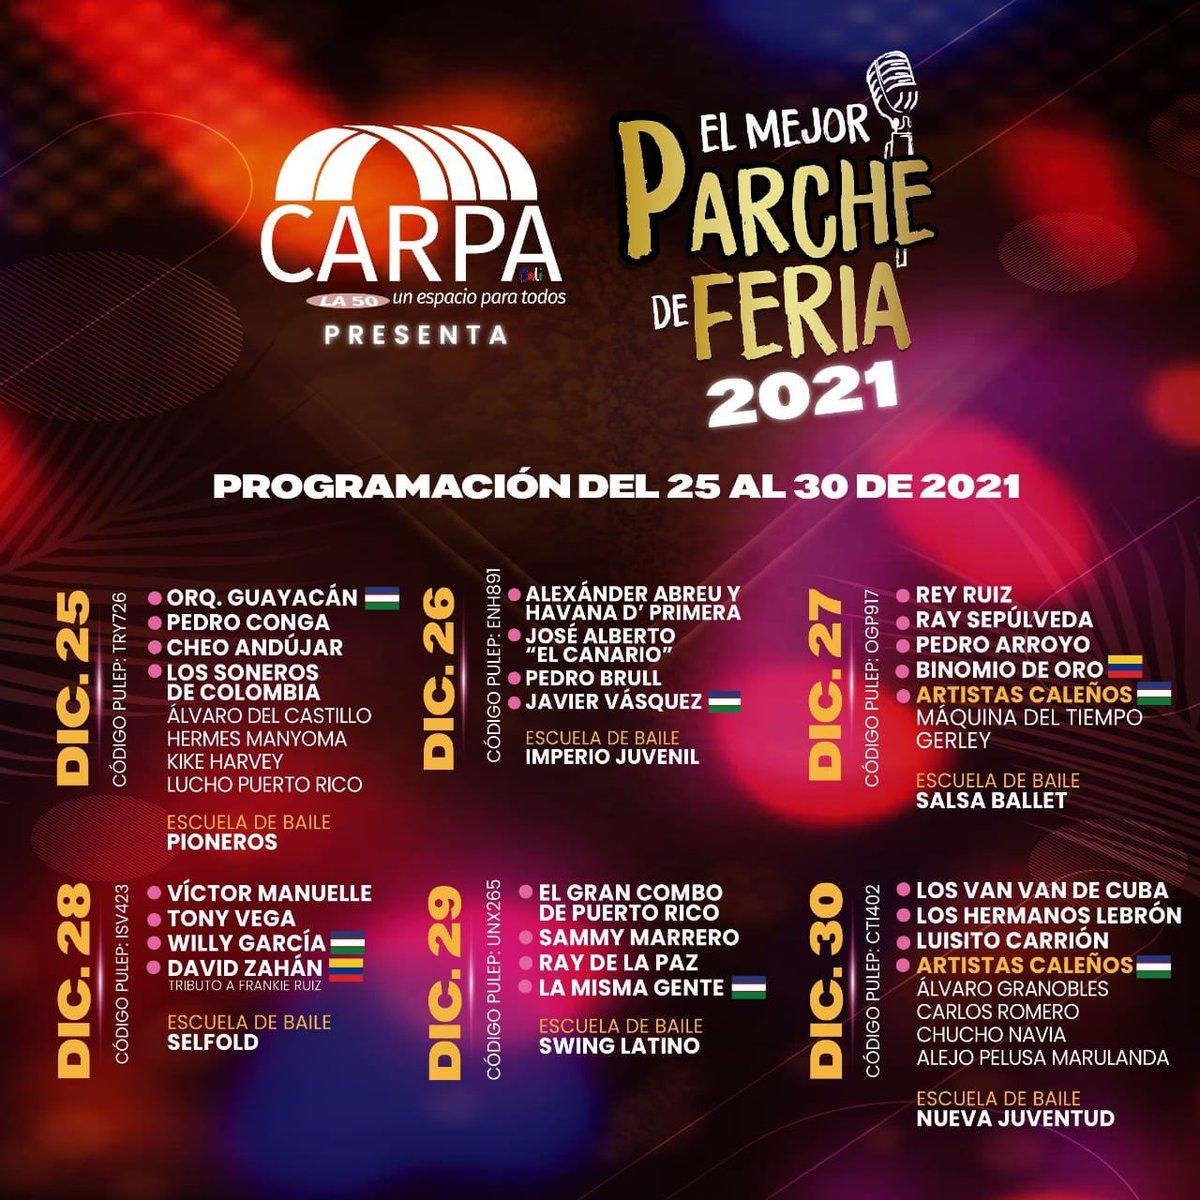 📣 !Porque los Caleños ya eligieron su #MejorParcheDeFeria! 🎤😀 esta es la programación oficial 2021 del 25 al 30 de Diciembre.  Info y Boletería / carpala50.com WhatsApp: bit.ly/3pXDHfJ 315 555 5555.  PREGUNTA. ¿Para qué fecha quieren que regalemos boletas?